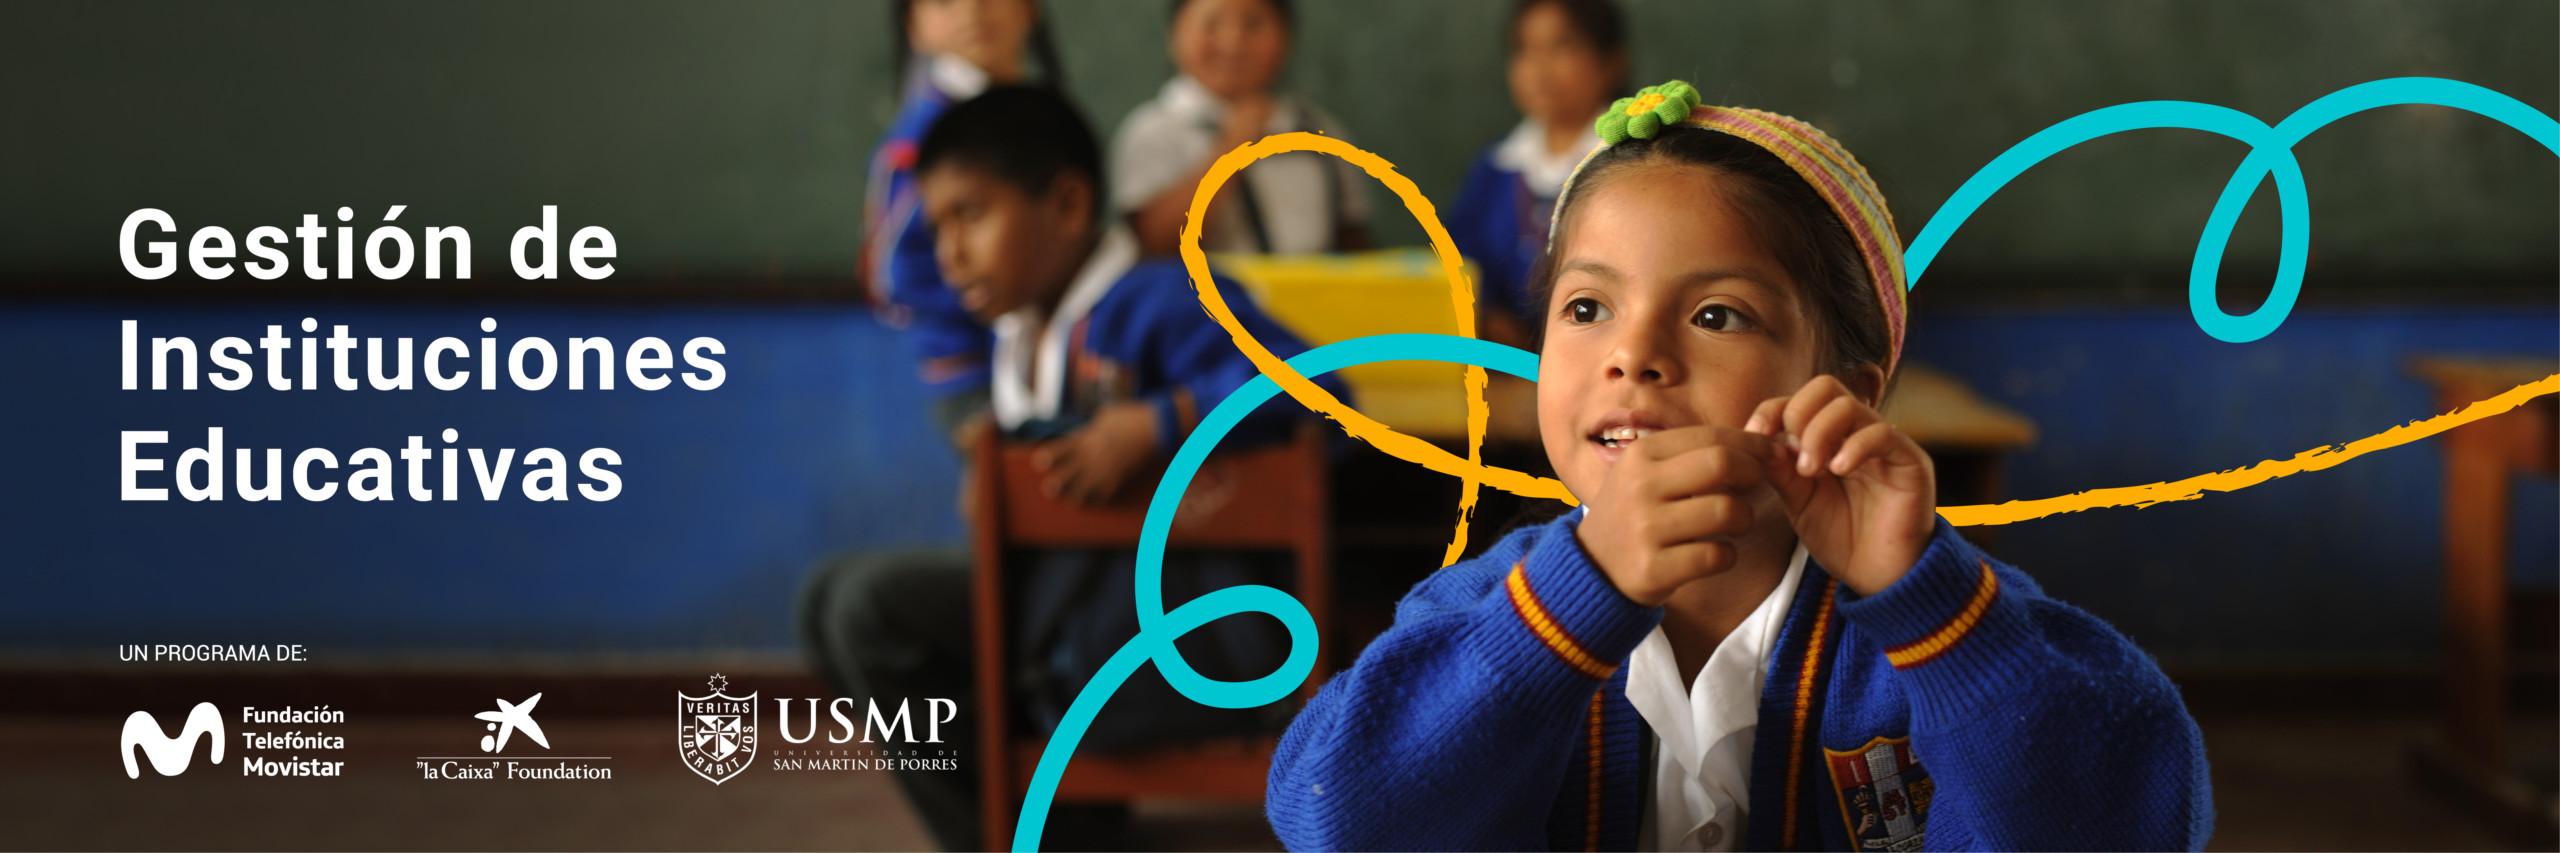 Imagen de Gestión de instituciones educativas